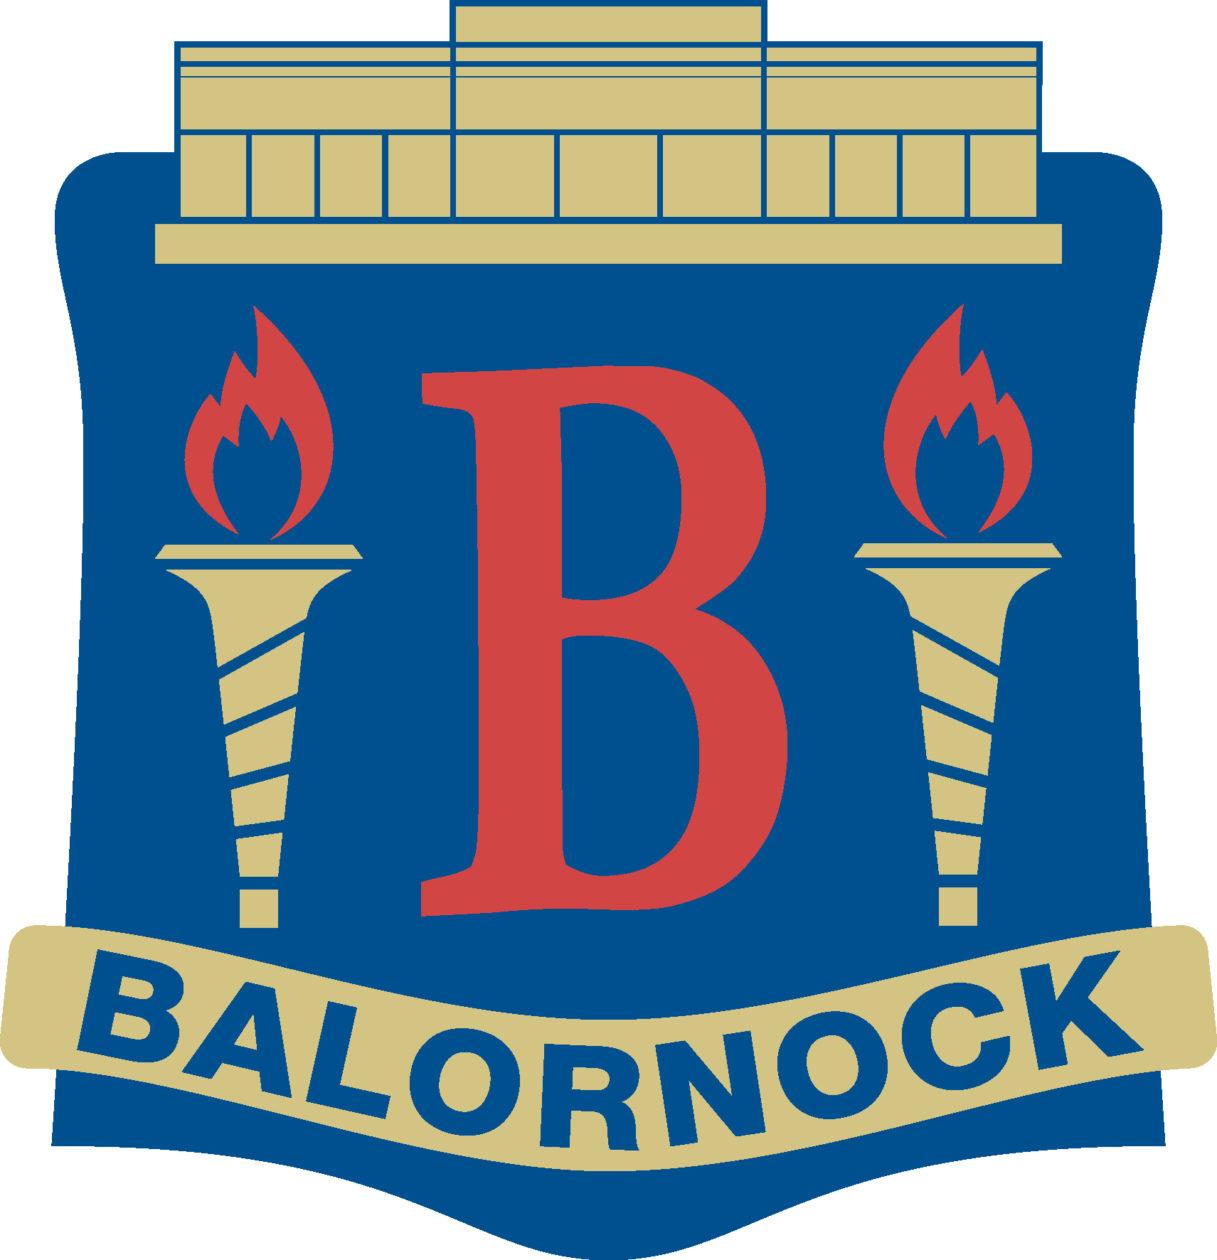 Balornock Primary School